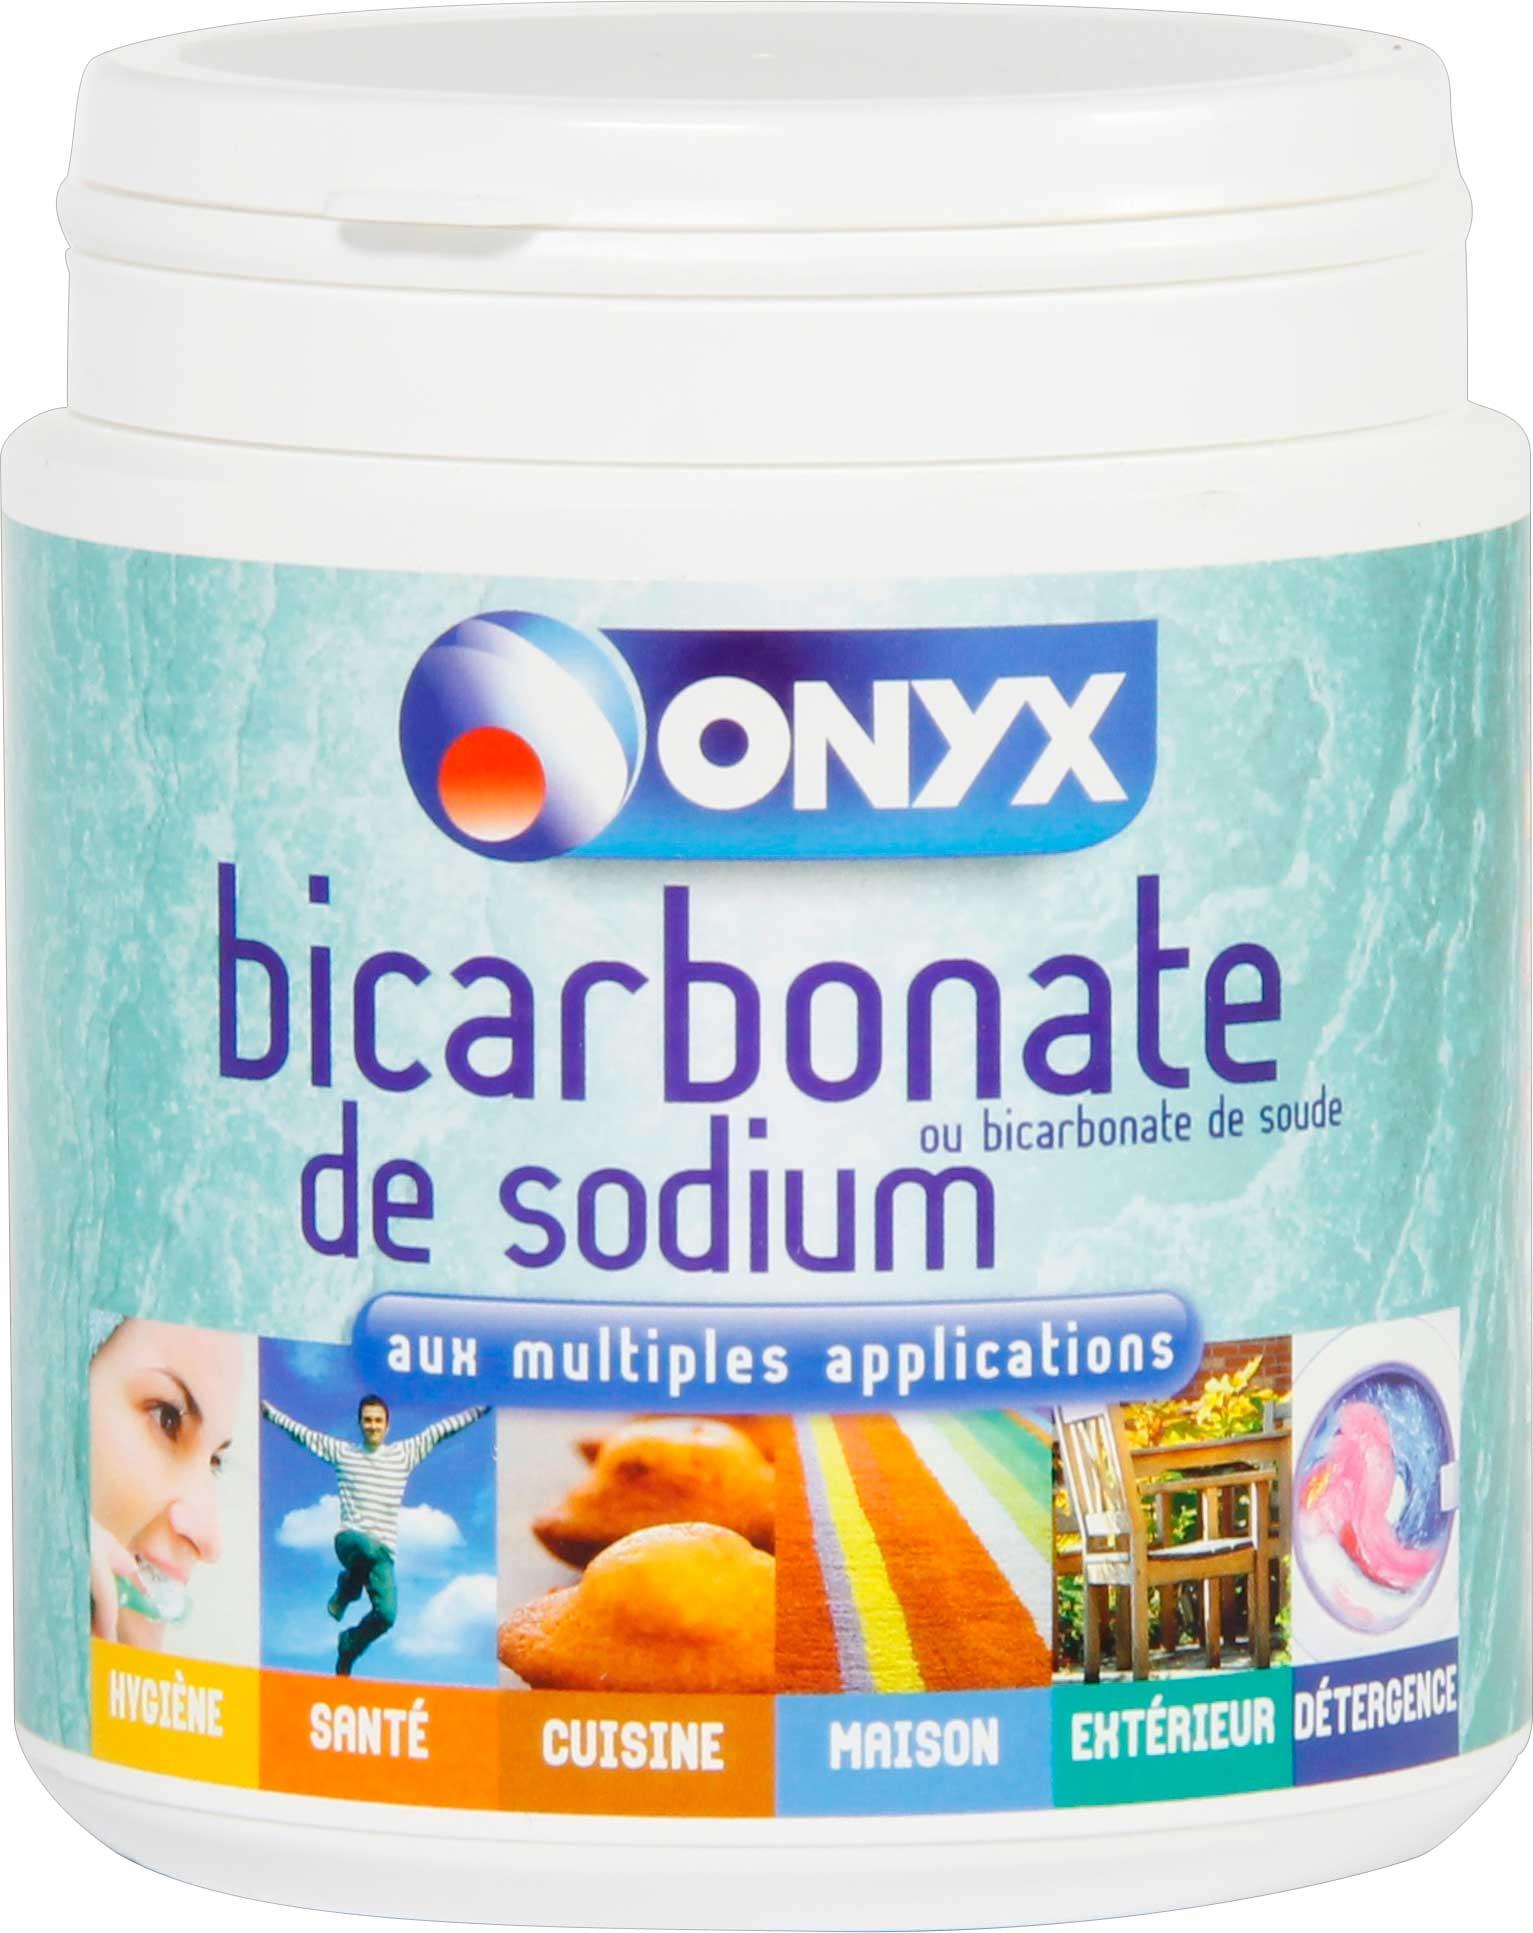 Bicarbonate de sodium onyx bo te 500 g de bicarbonate de sodium 1065310 mon magasin g n ral - Bicarbonate de soude et bicarbonate de sodium ...